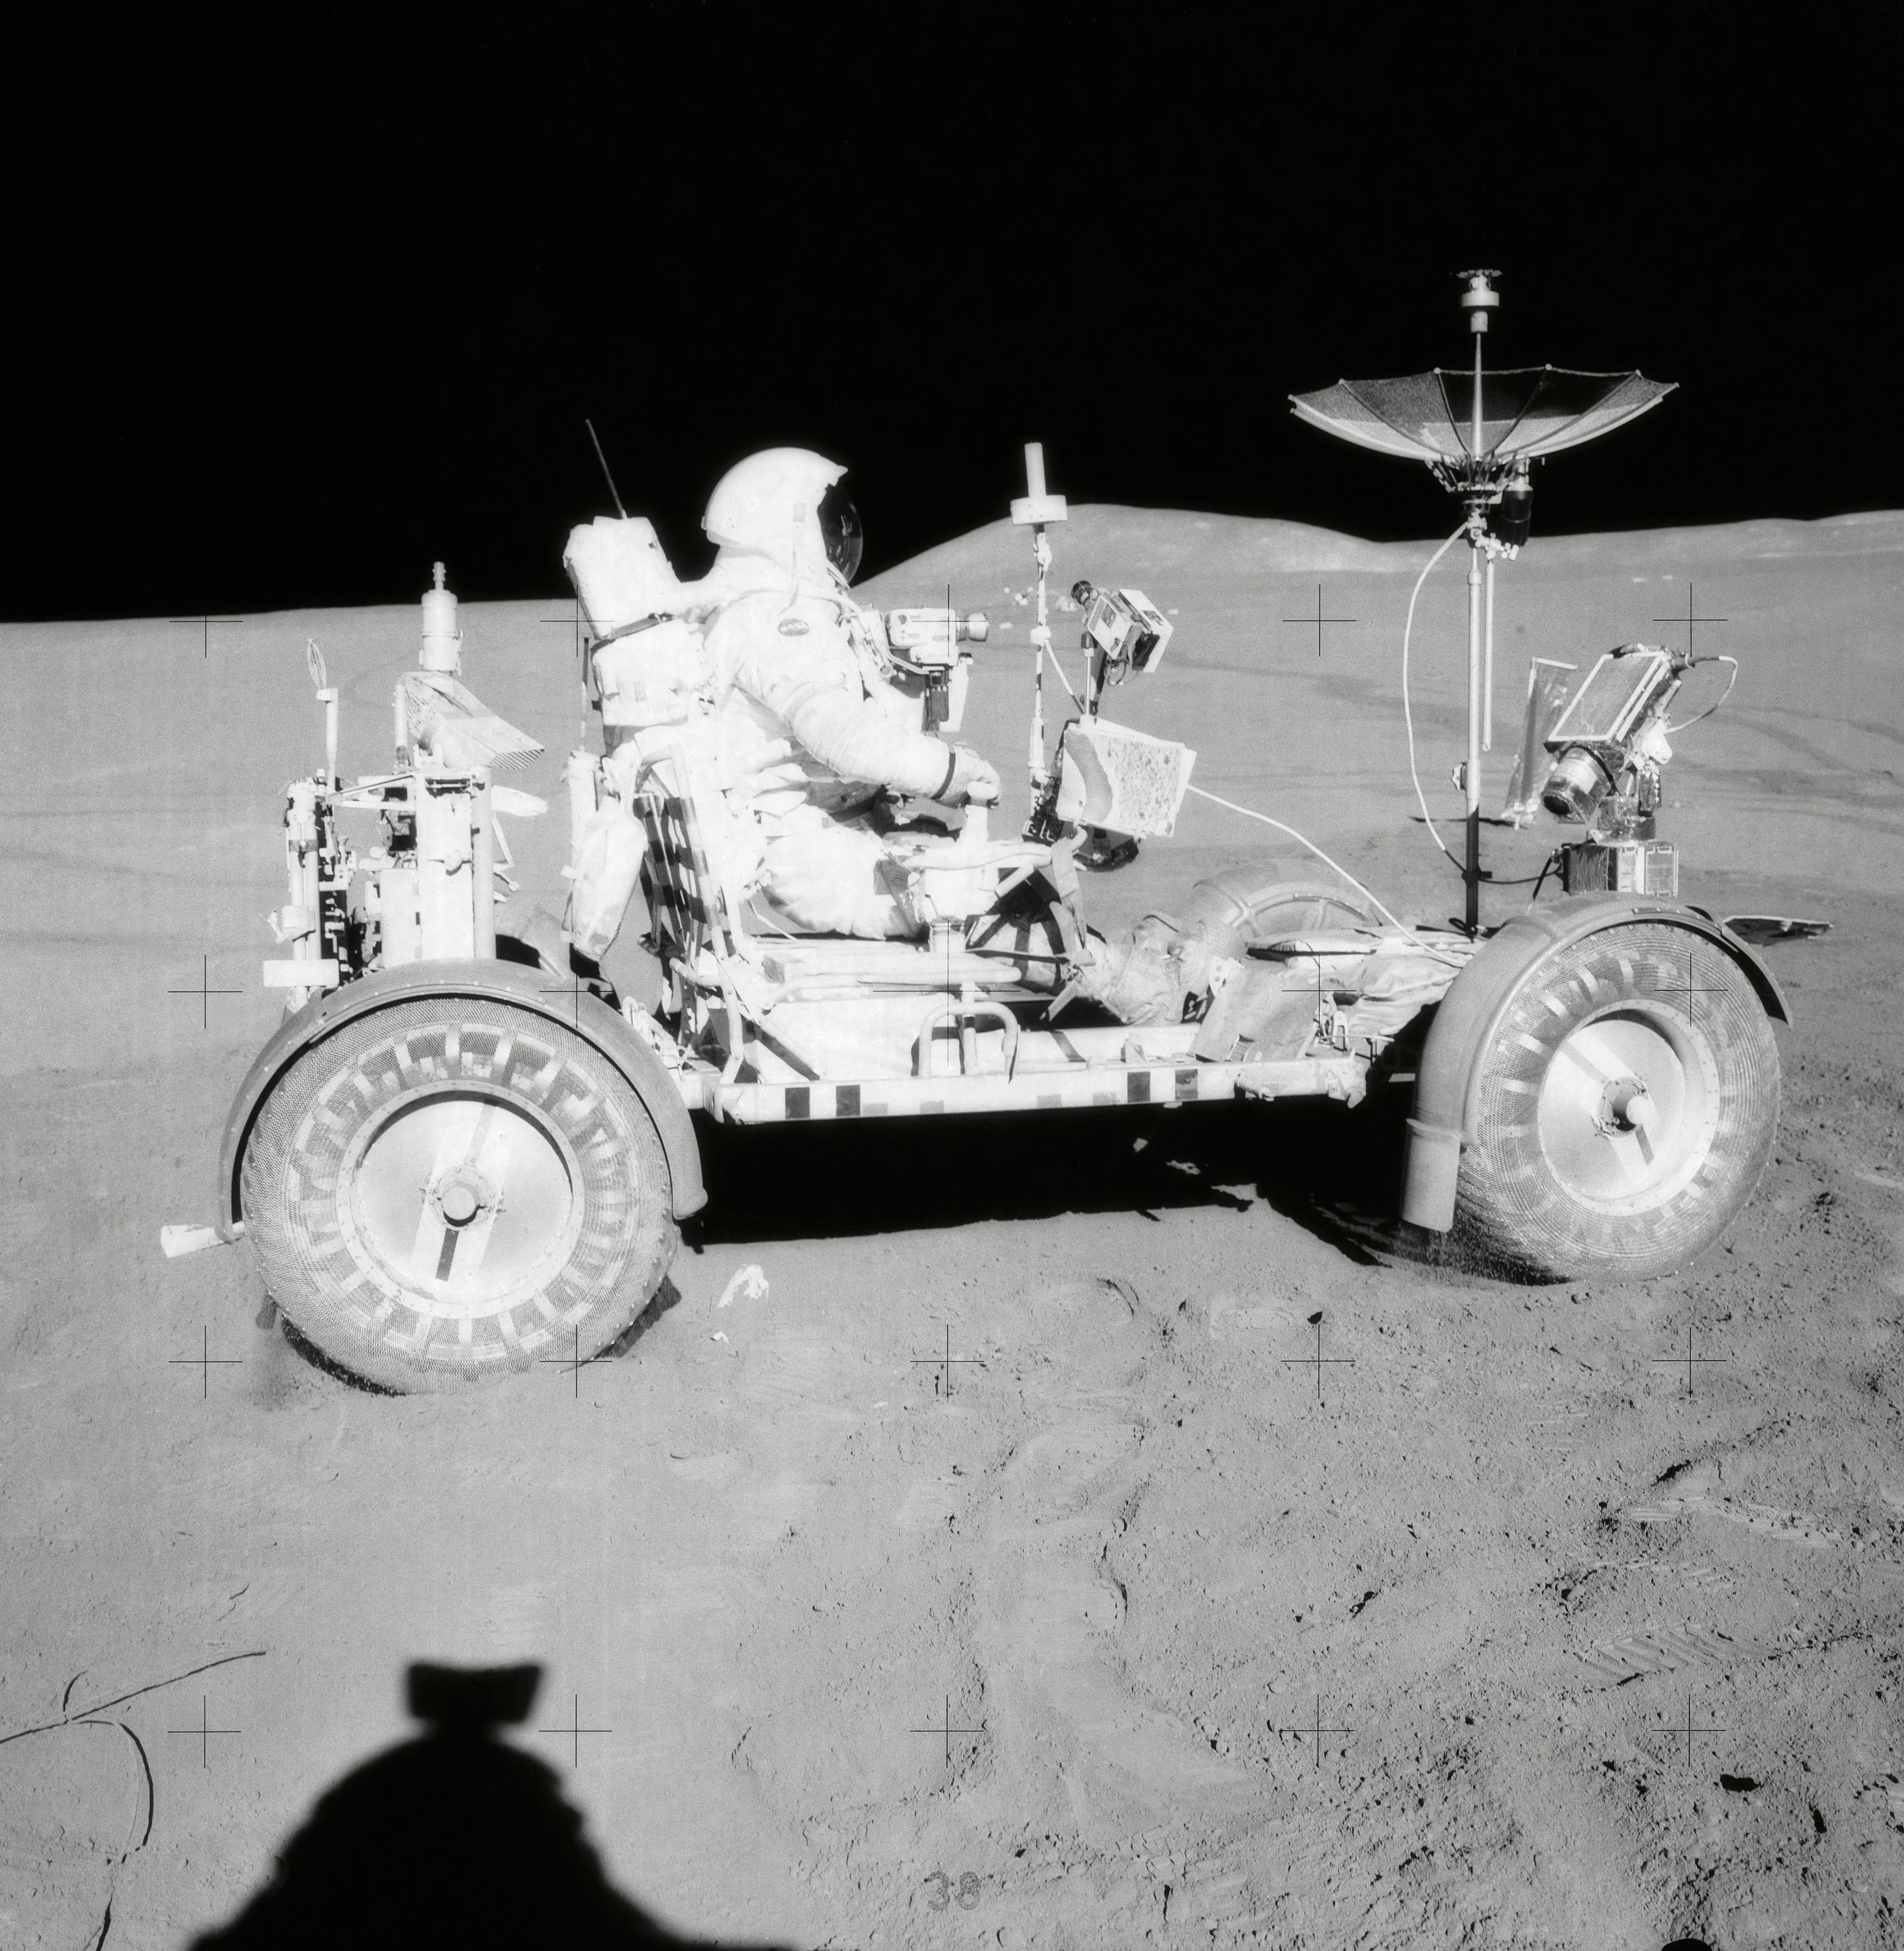 Apollo 15 - NASA, 1971. Creator: NASA.